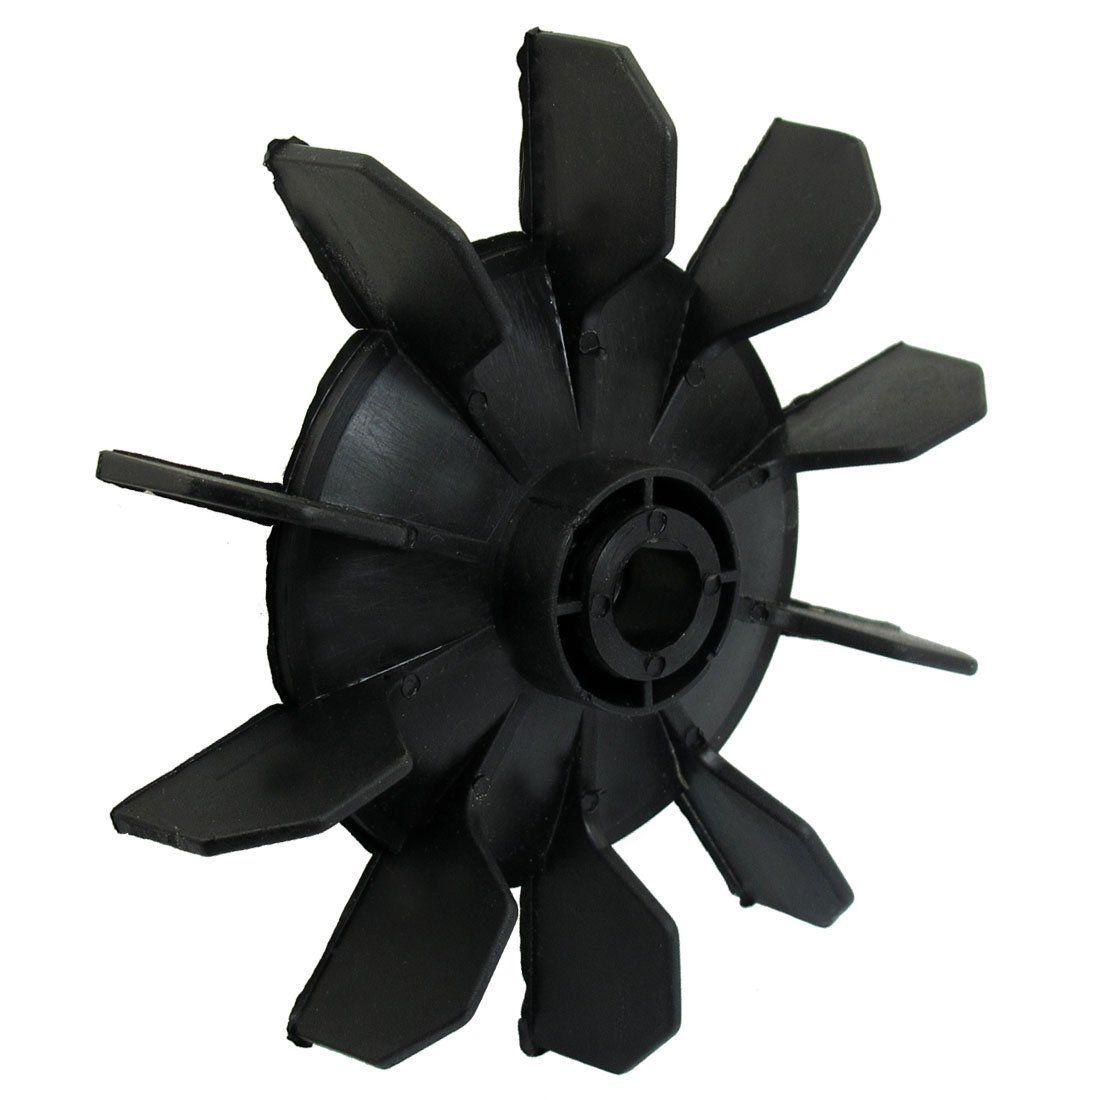 Yoc 5 New Air Compressor Part Black Plastic 14mm Inner Dia Ten